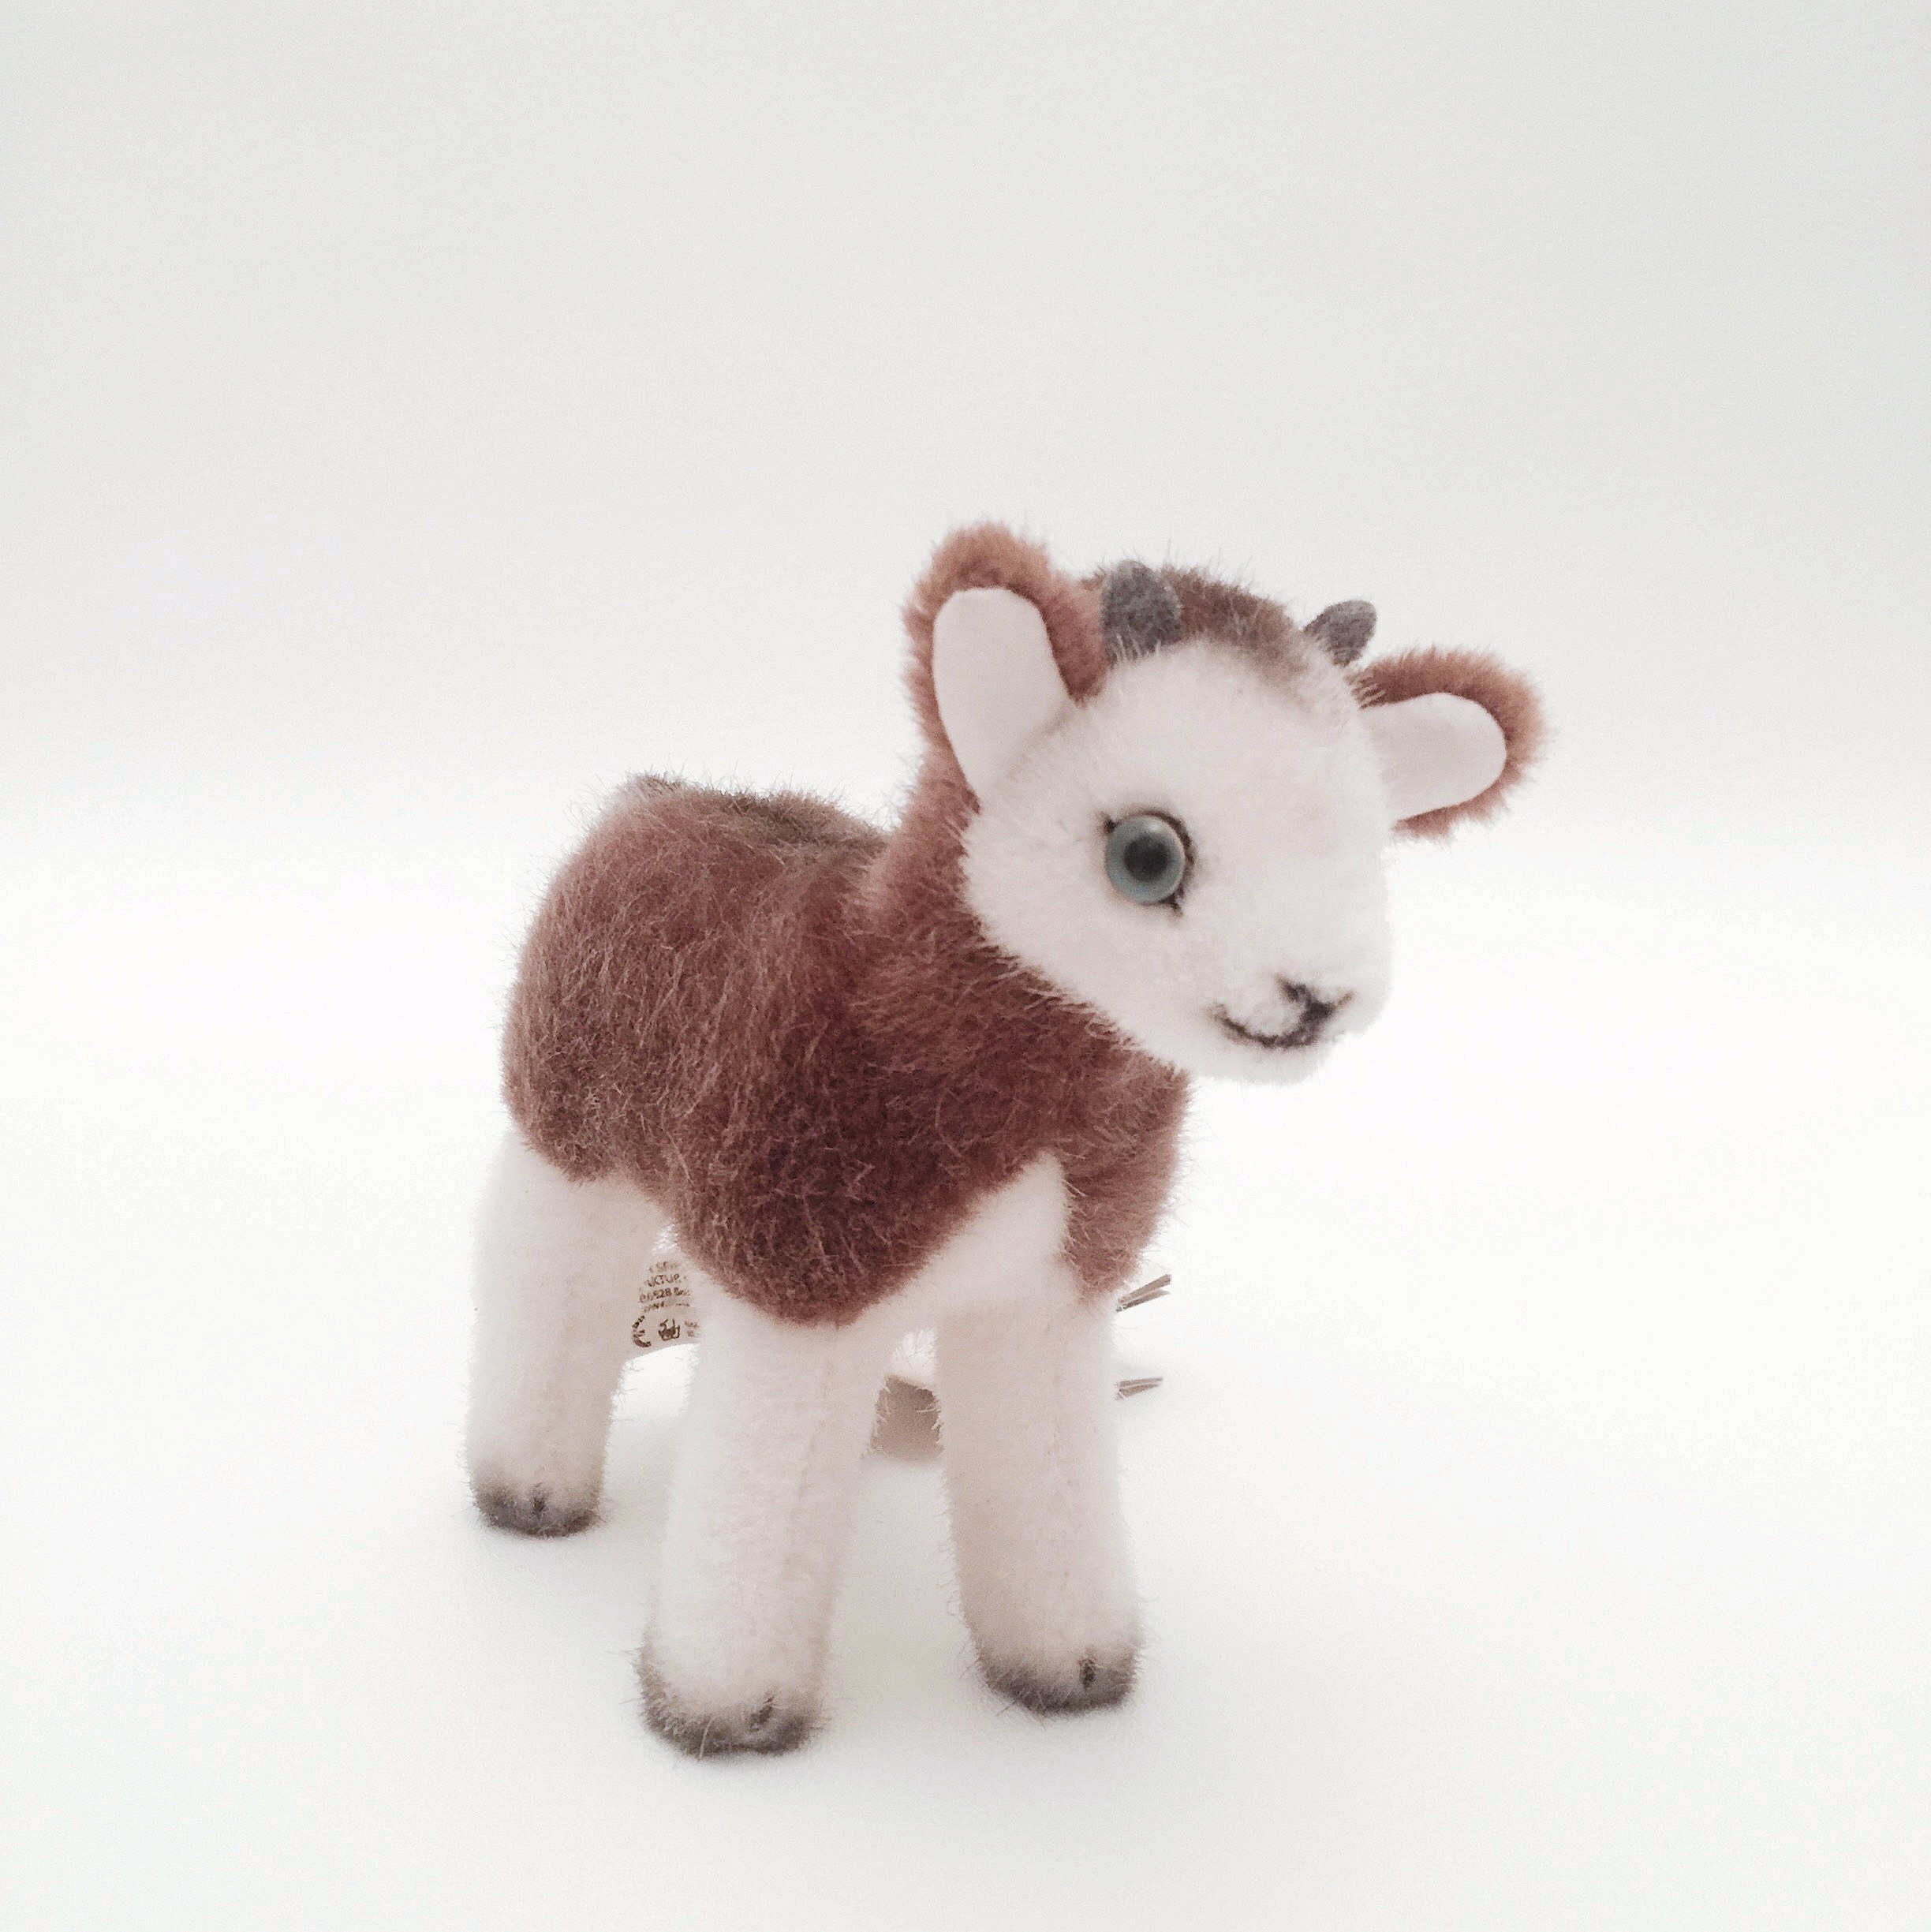 Kosen Usa 4570 Meck Goat Kid